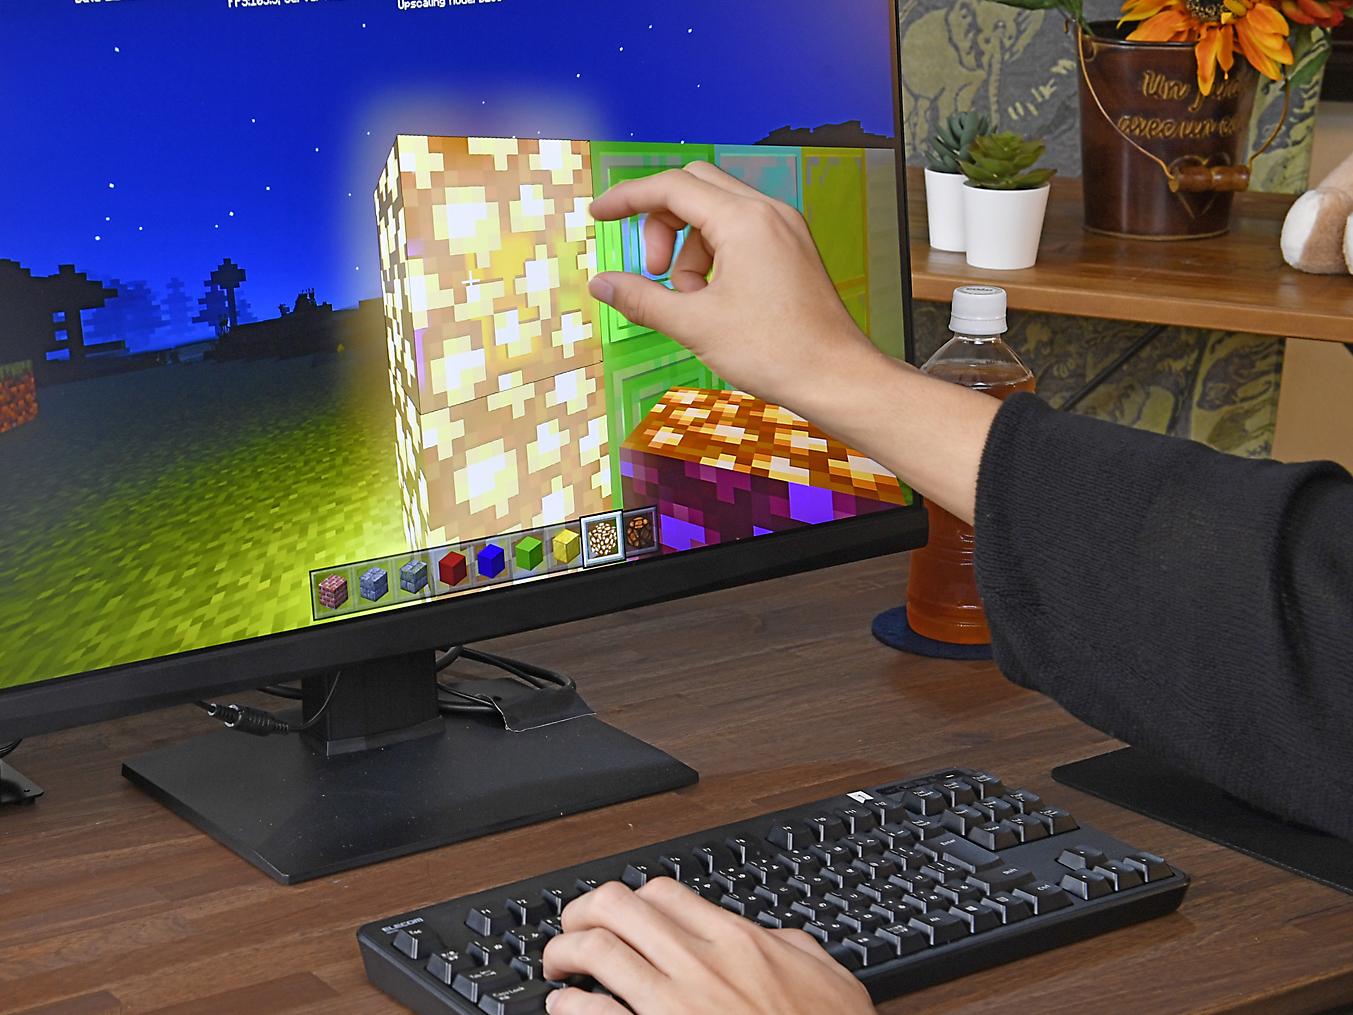 特定の部分だけを光らせるブロックも簡単に作れるという